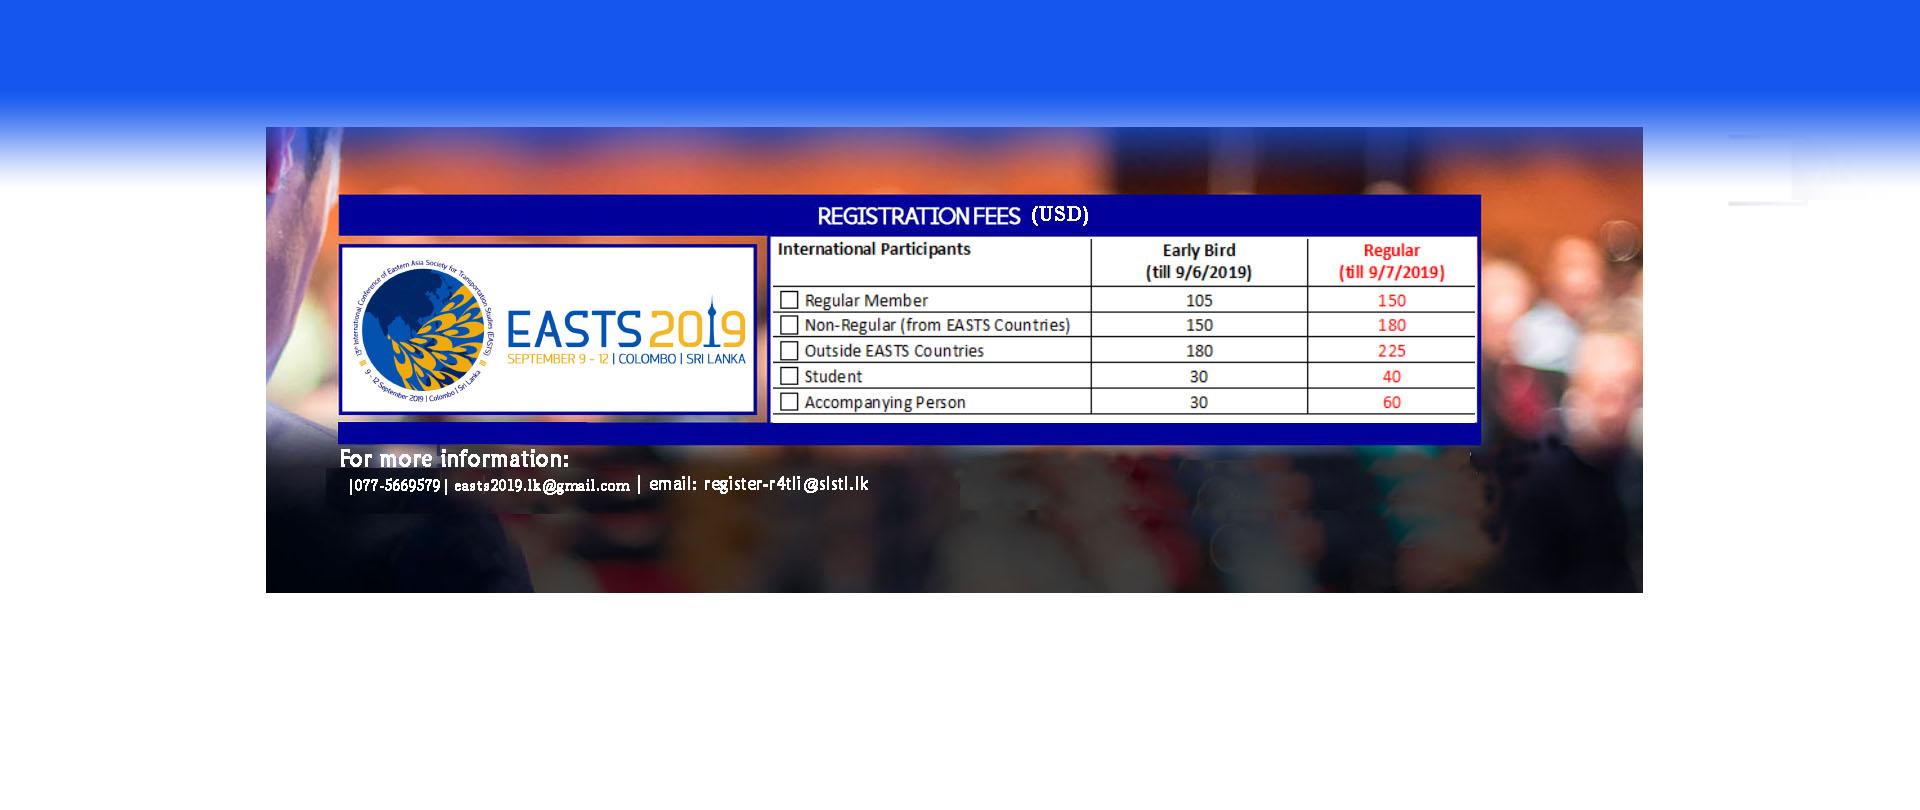 EAST Conference Registration